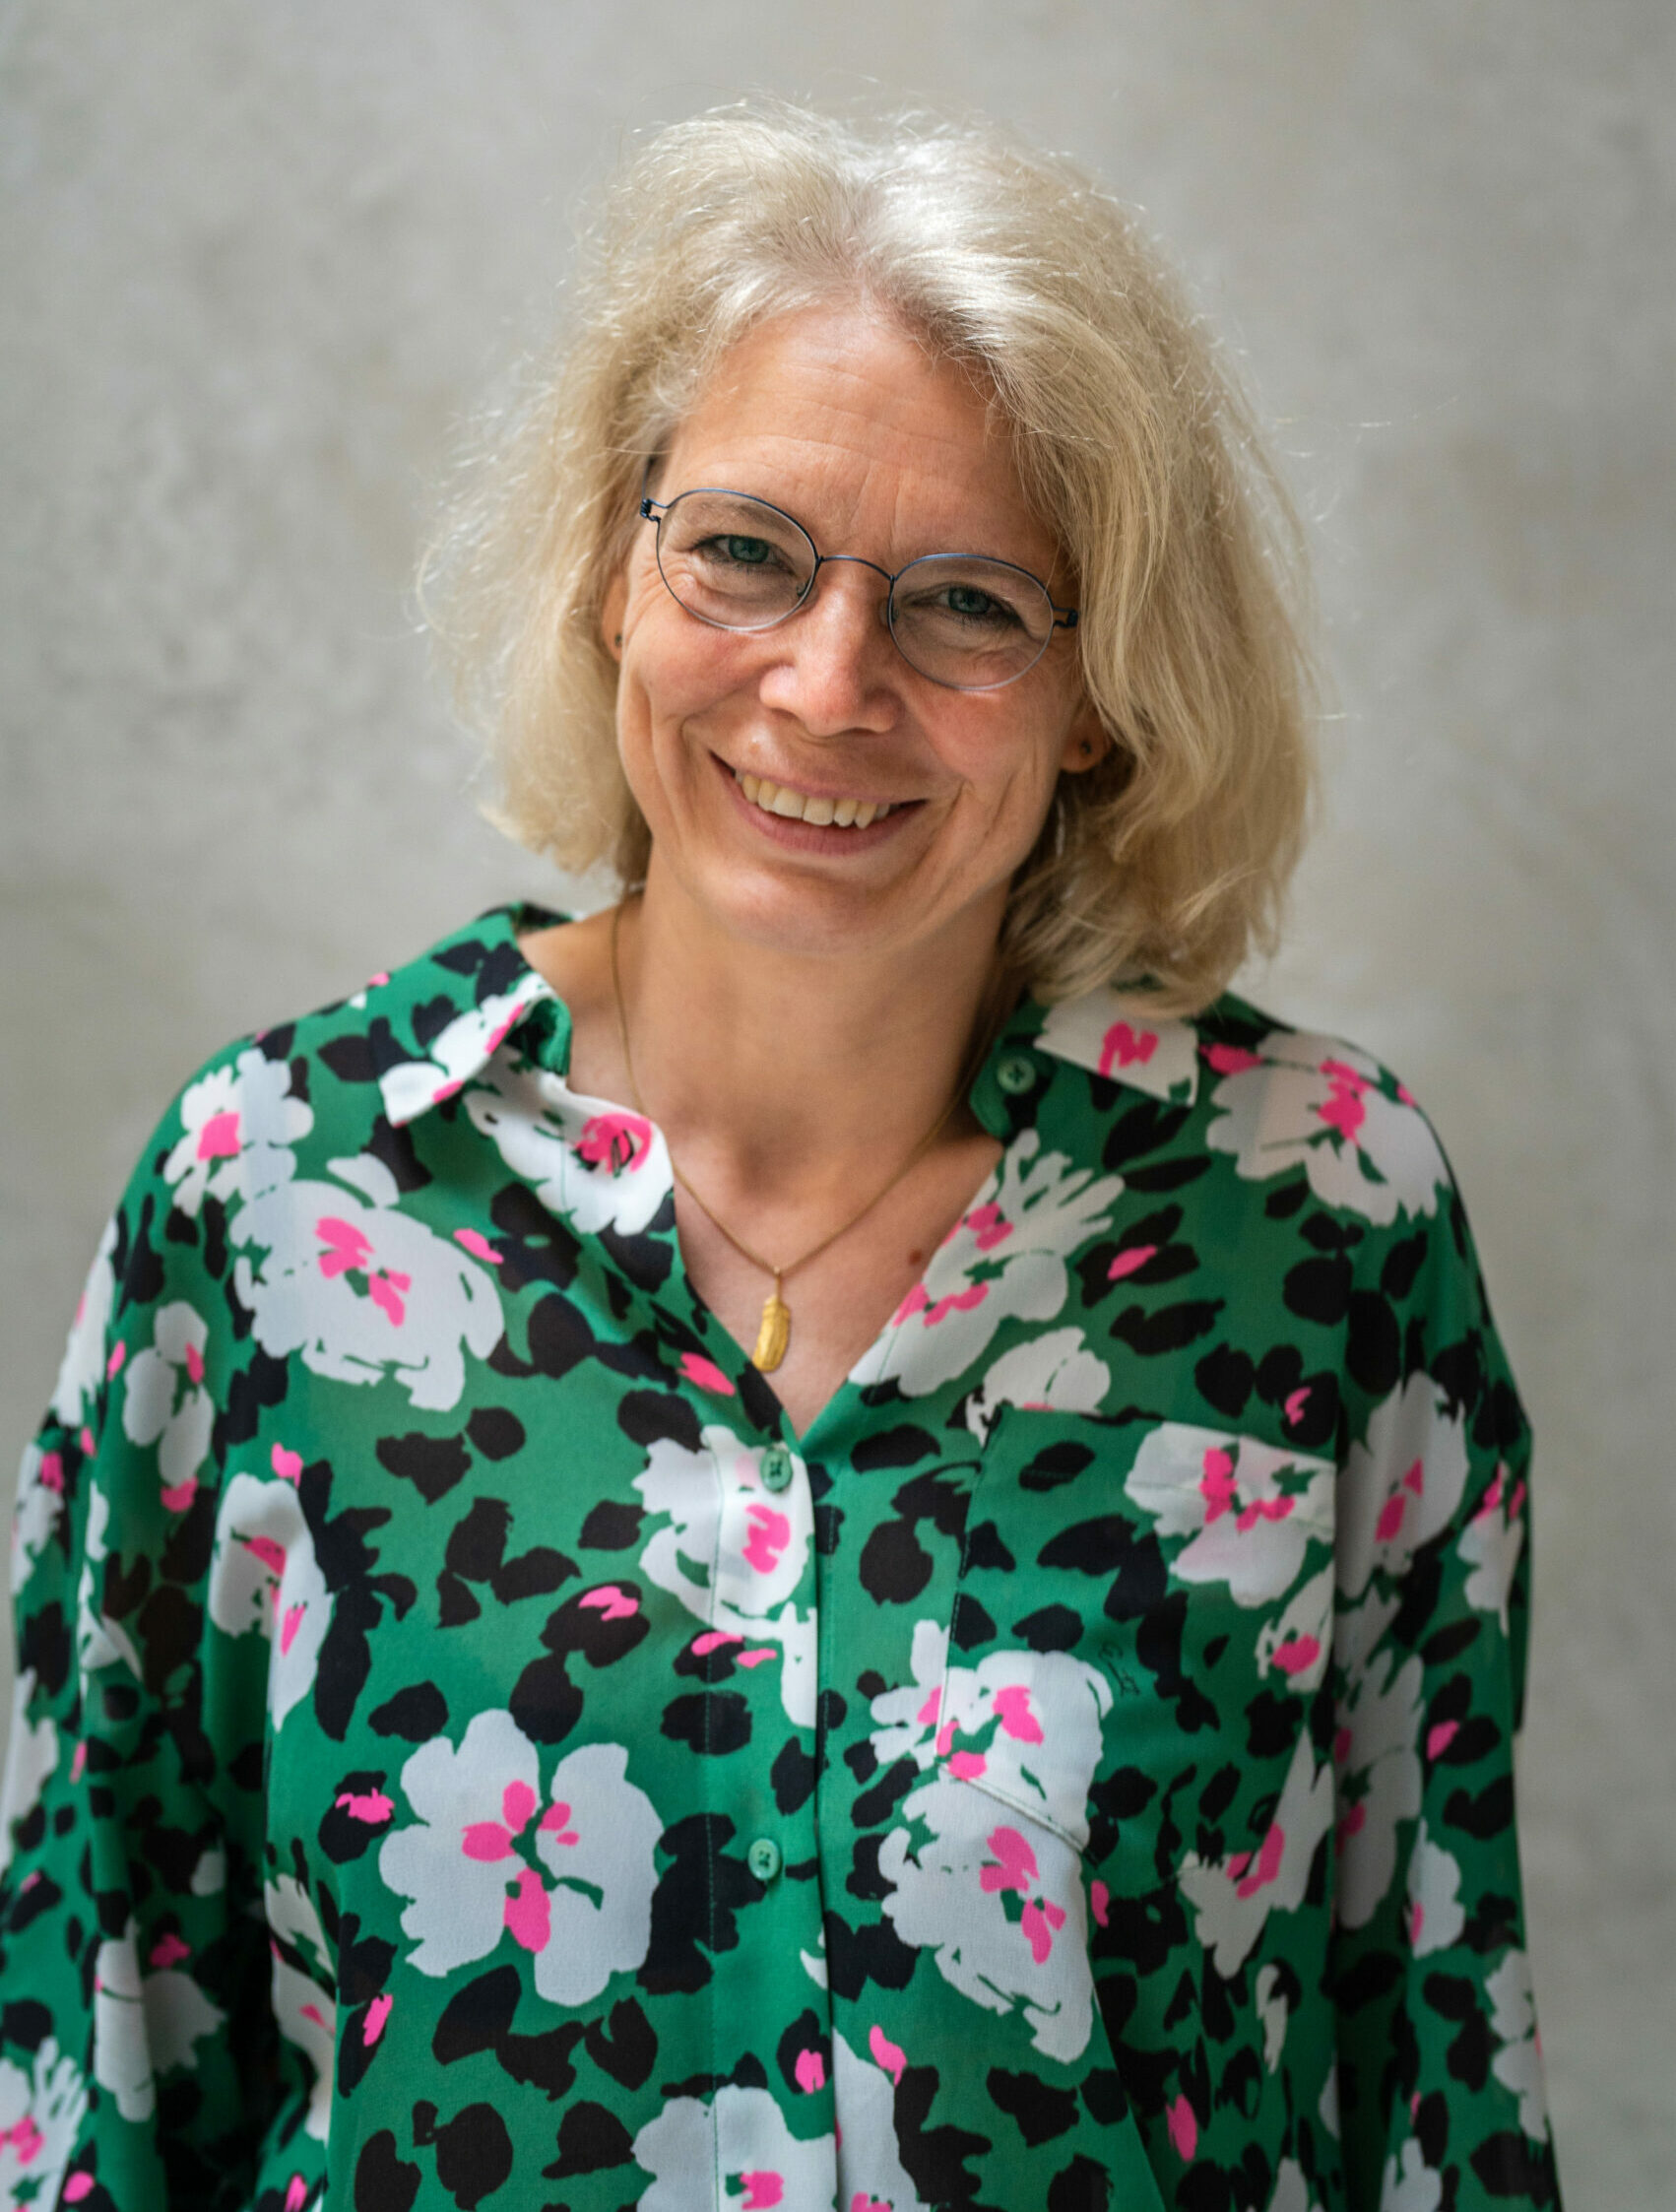 Dokter Katrien De Maeyer